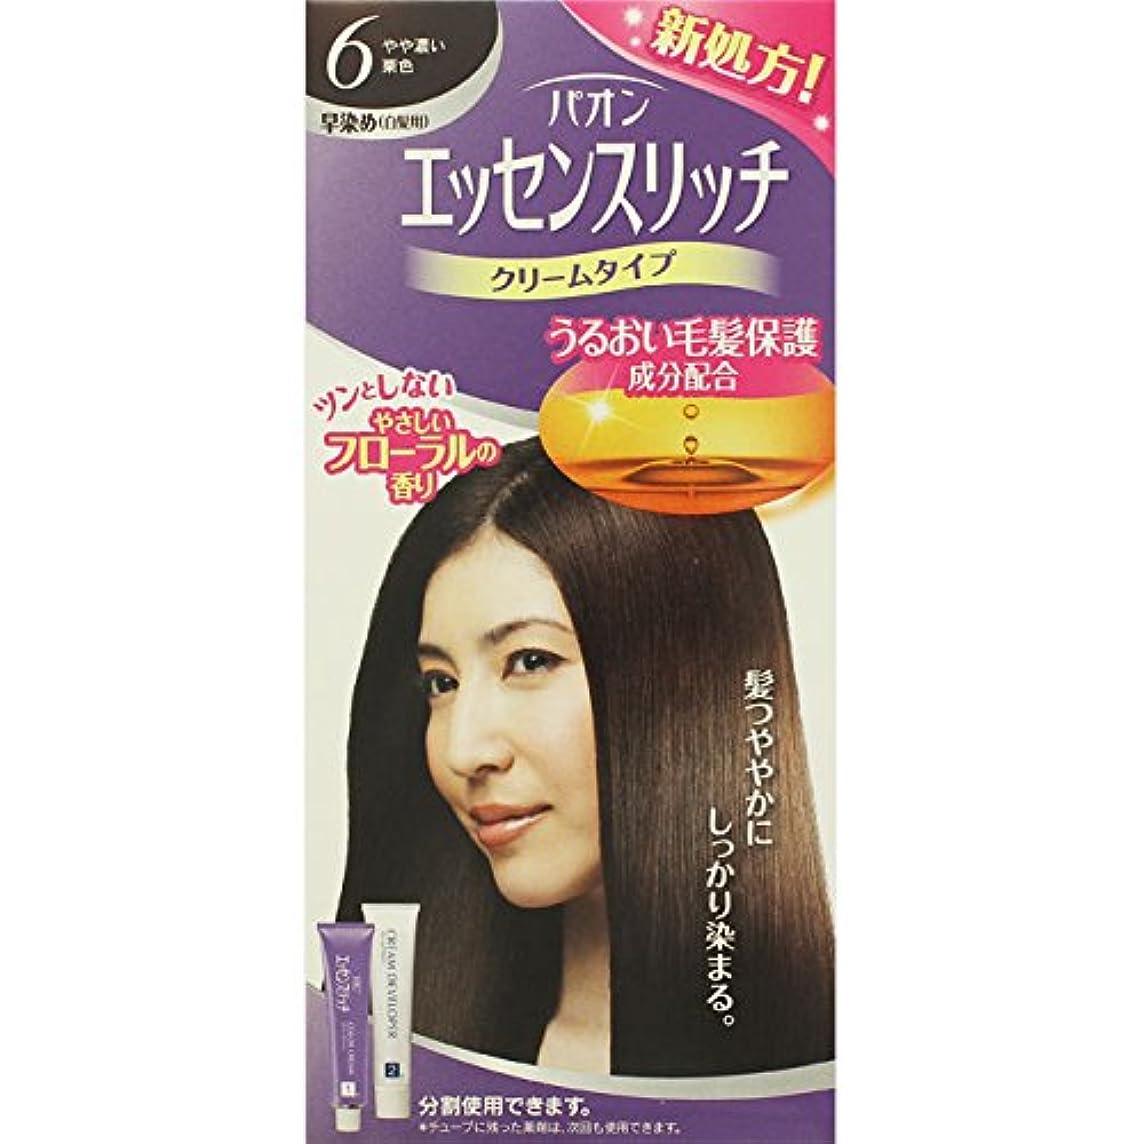 ヘンケルライオンコスメティックス パオン エッセンスリッチ クリームタイプ 6 やや濃い栗色 40g+40g (医薬部外品)